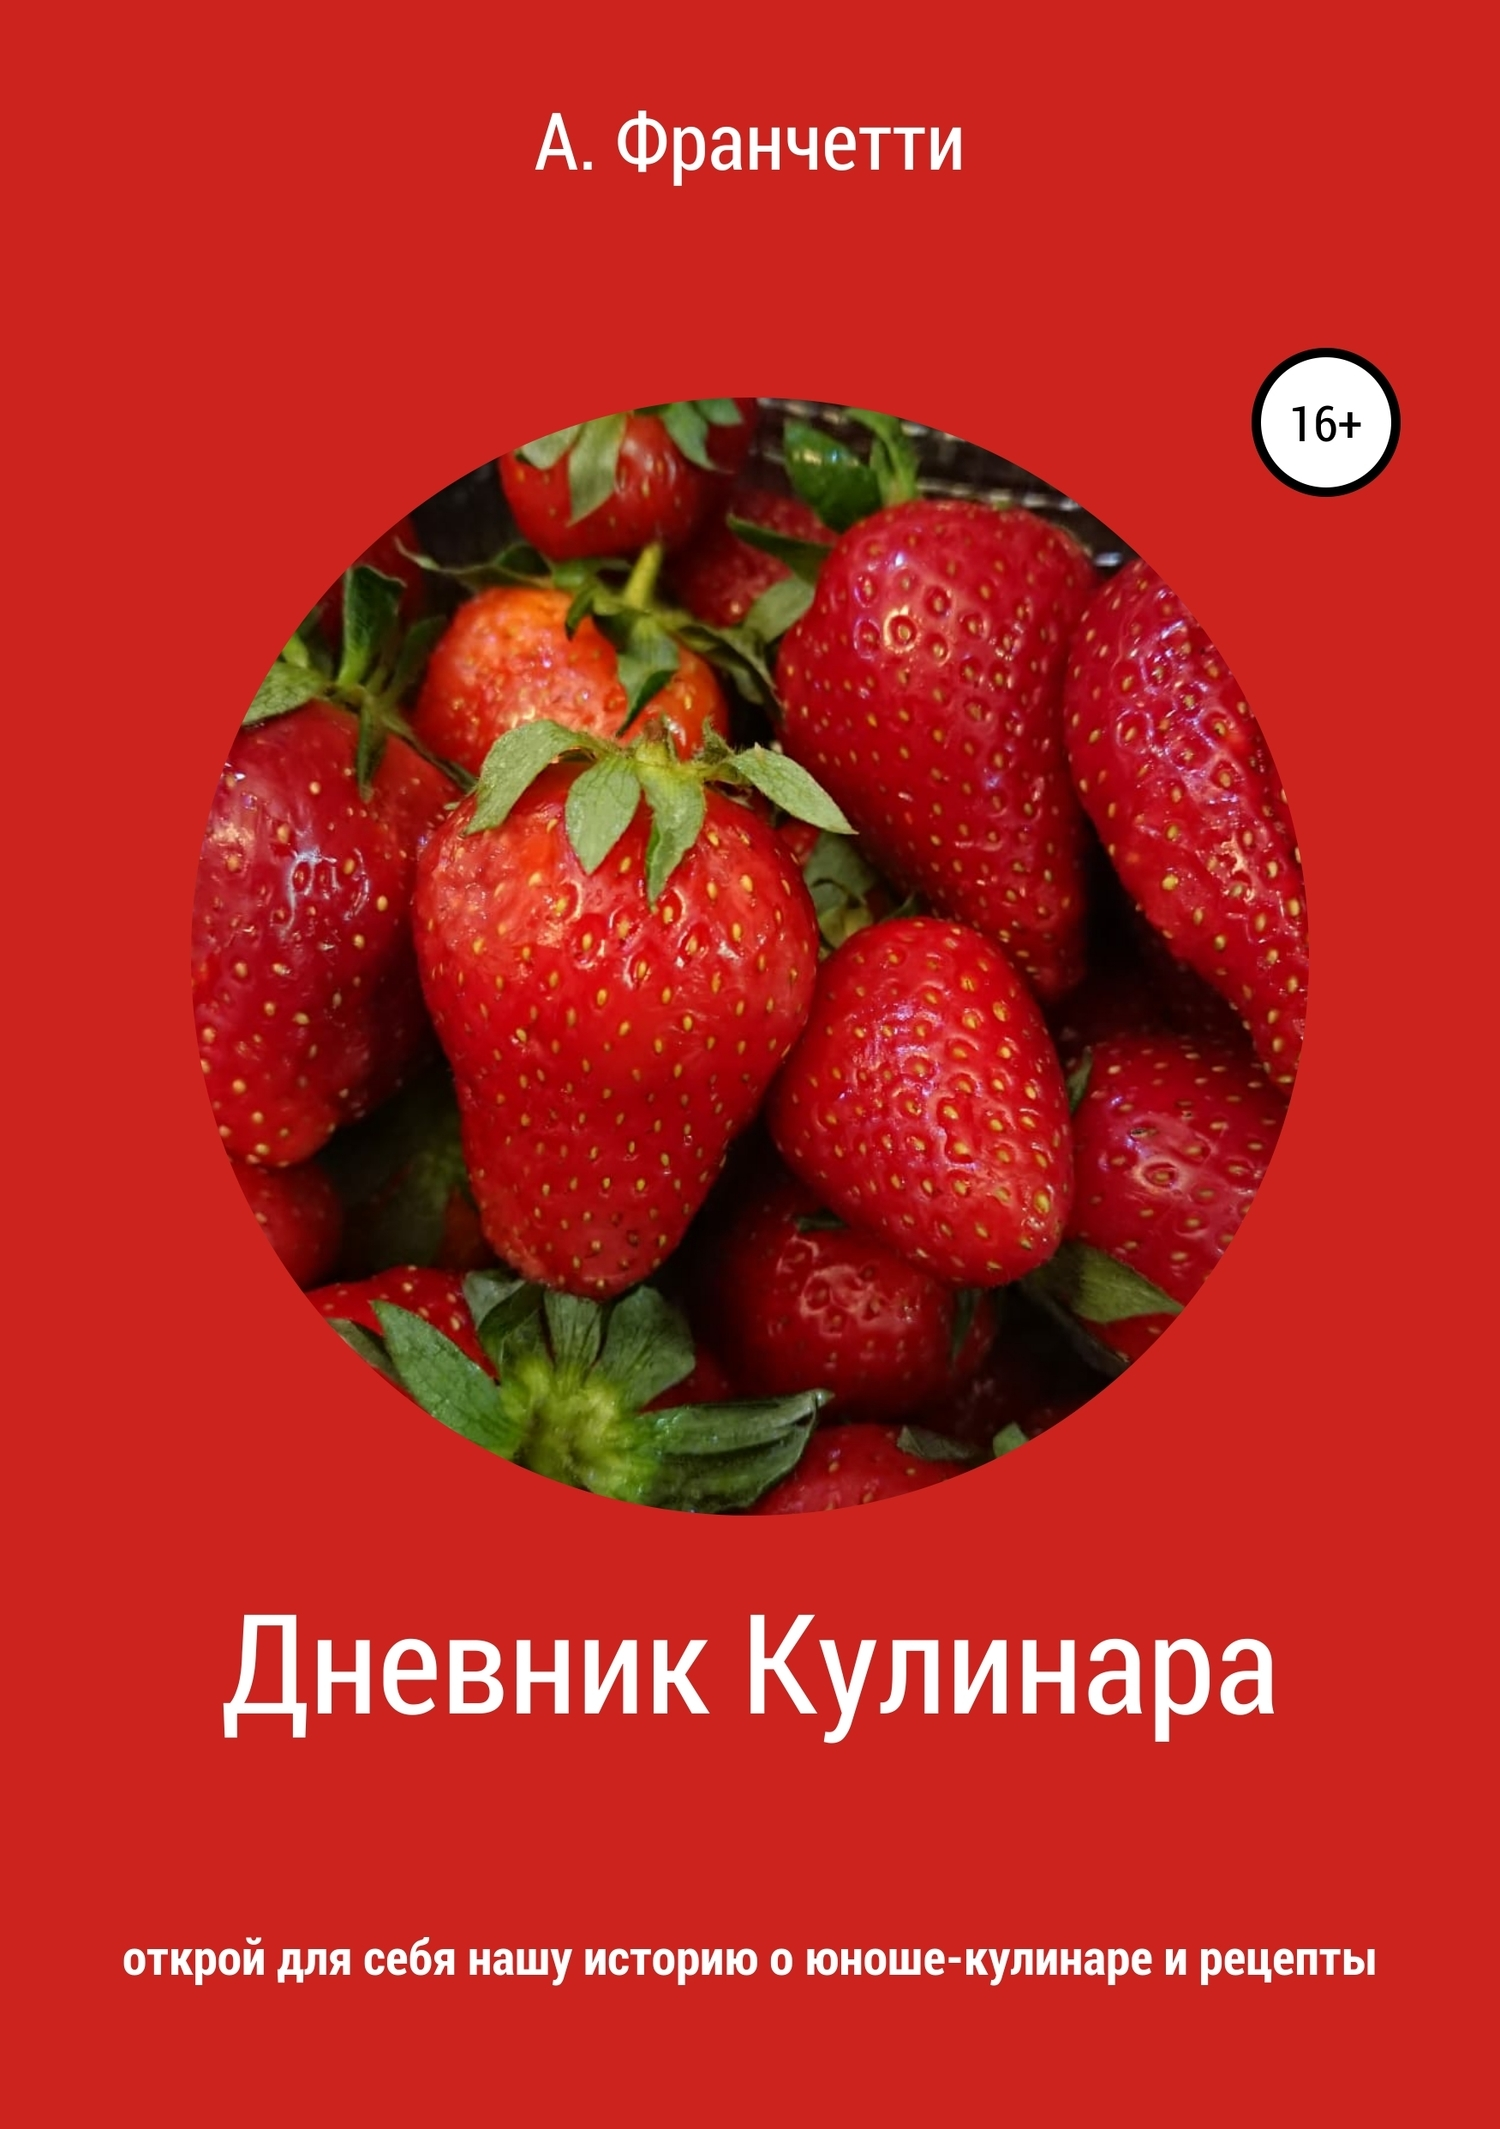 Дневник Кулинара